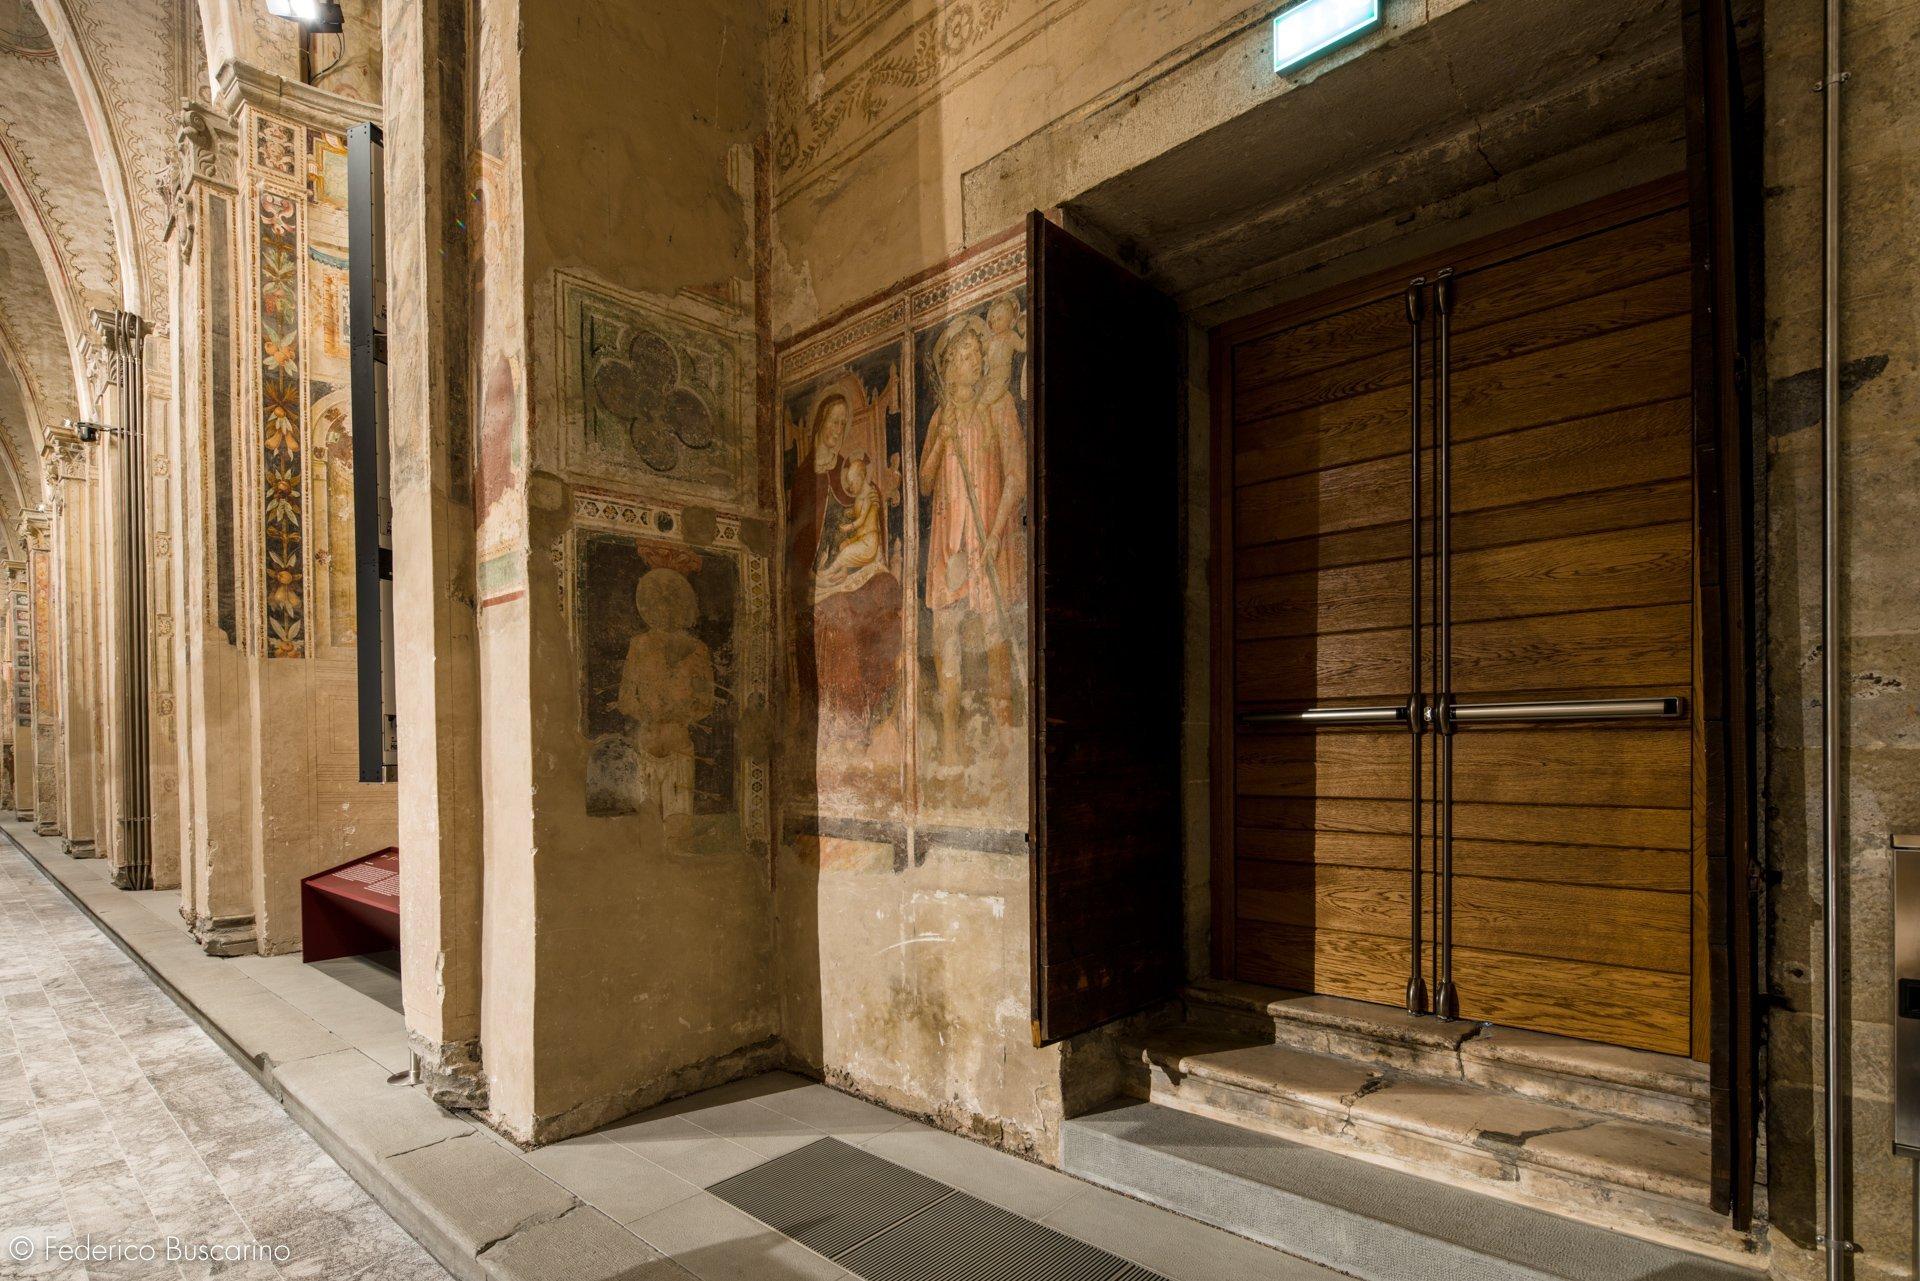 portone in legno su edificio storico